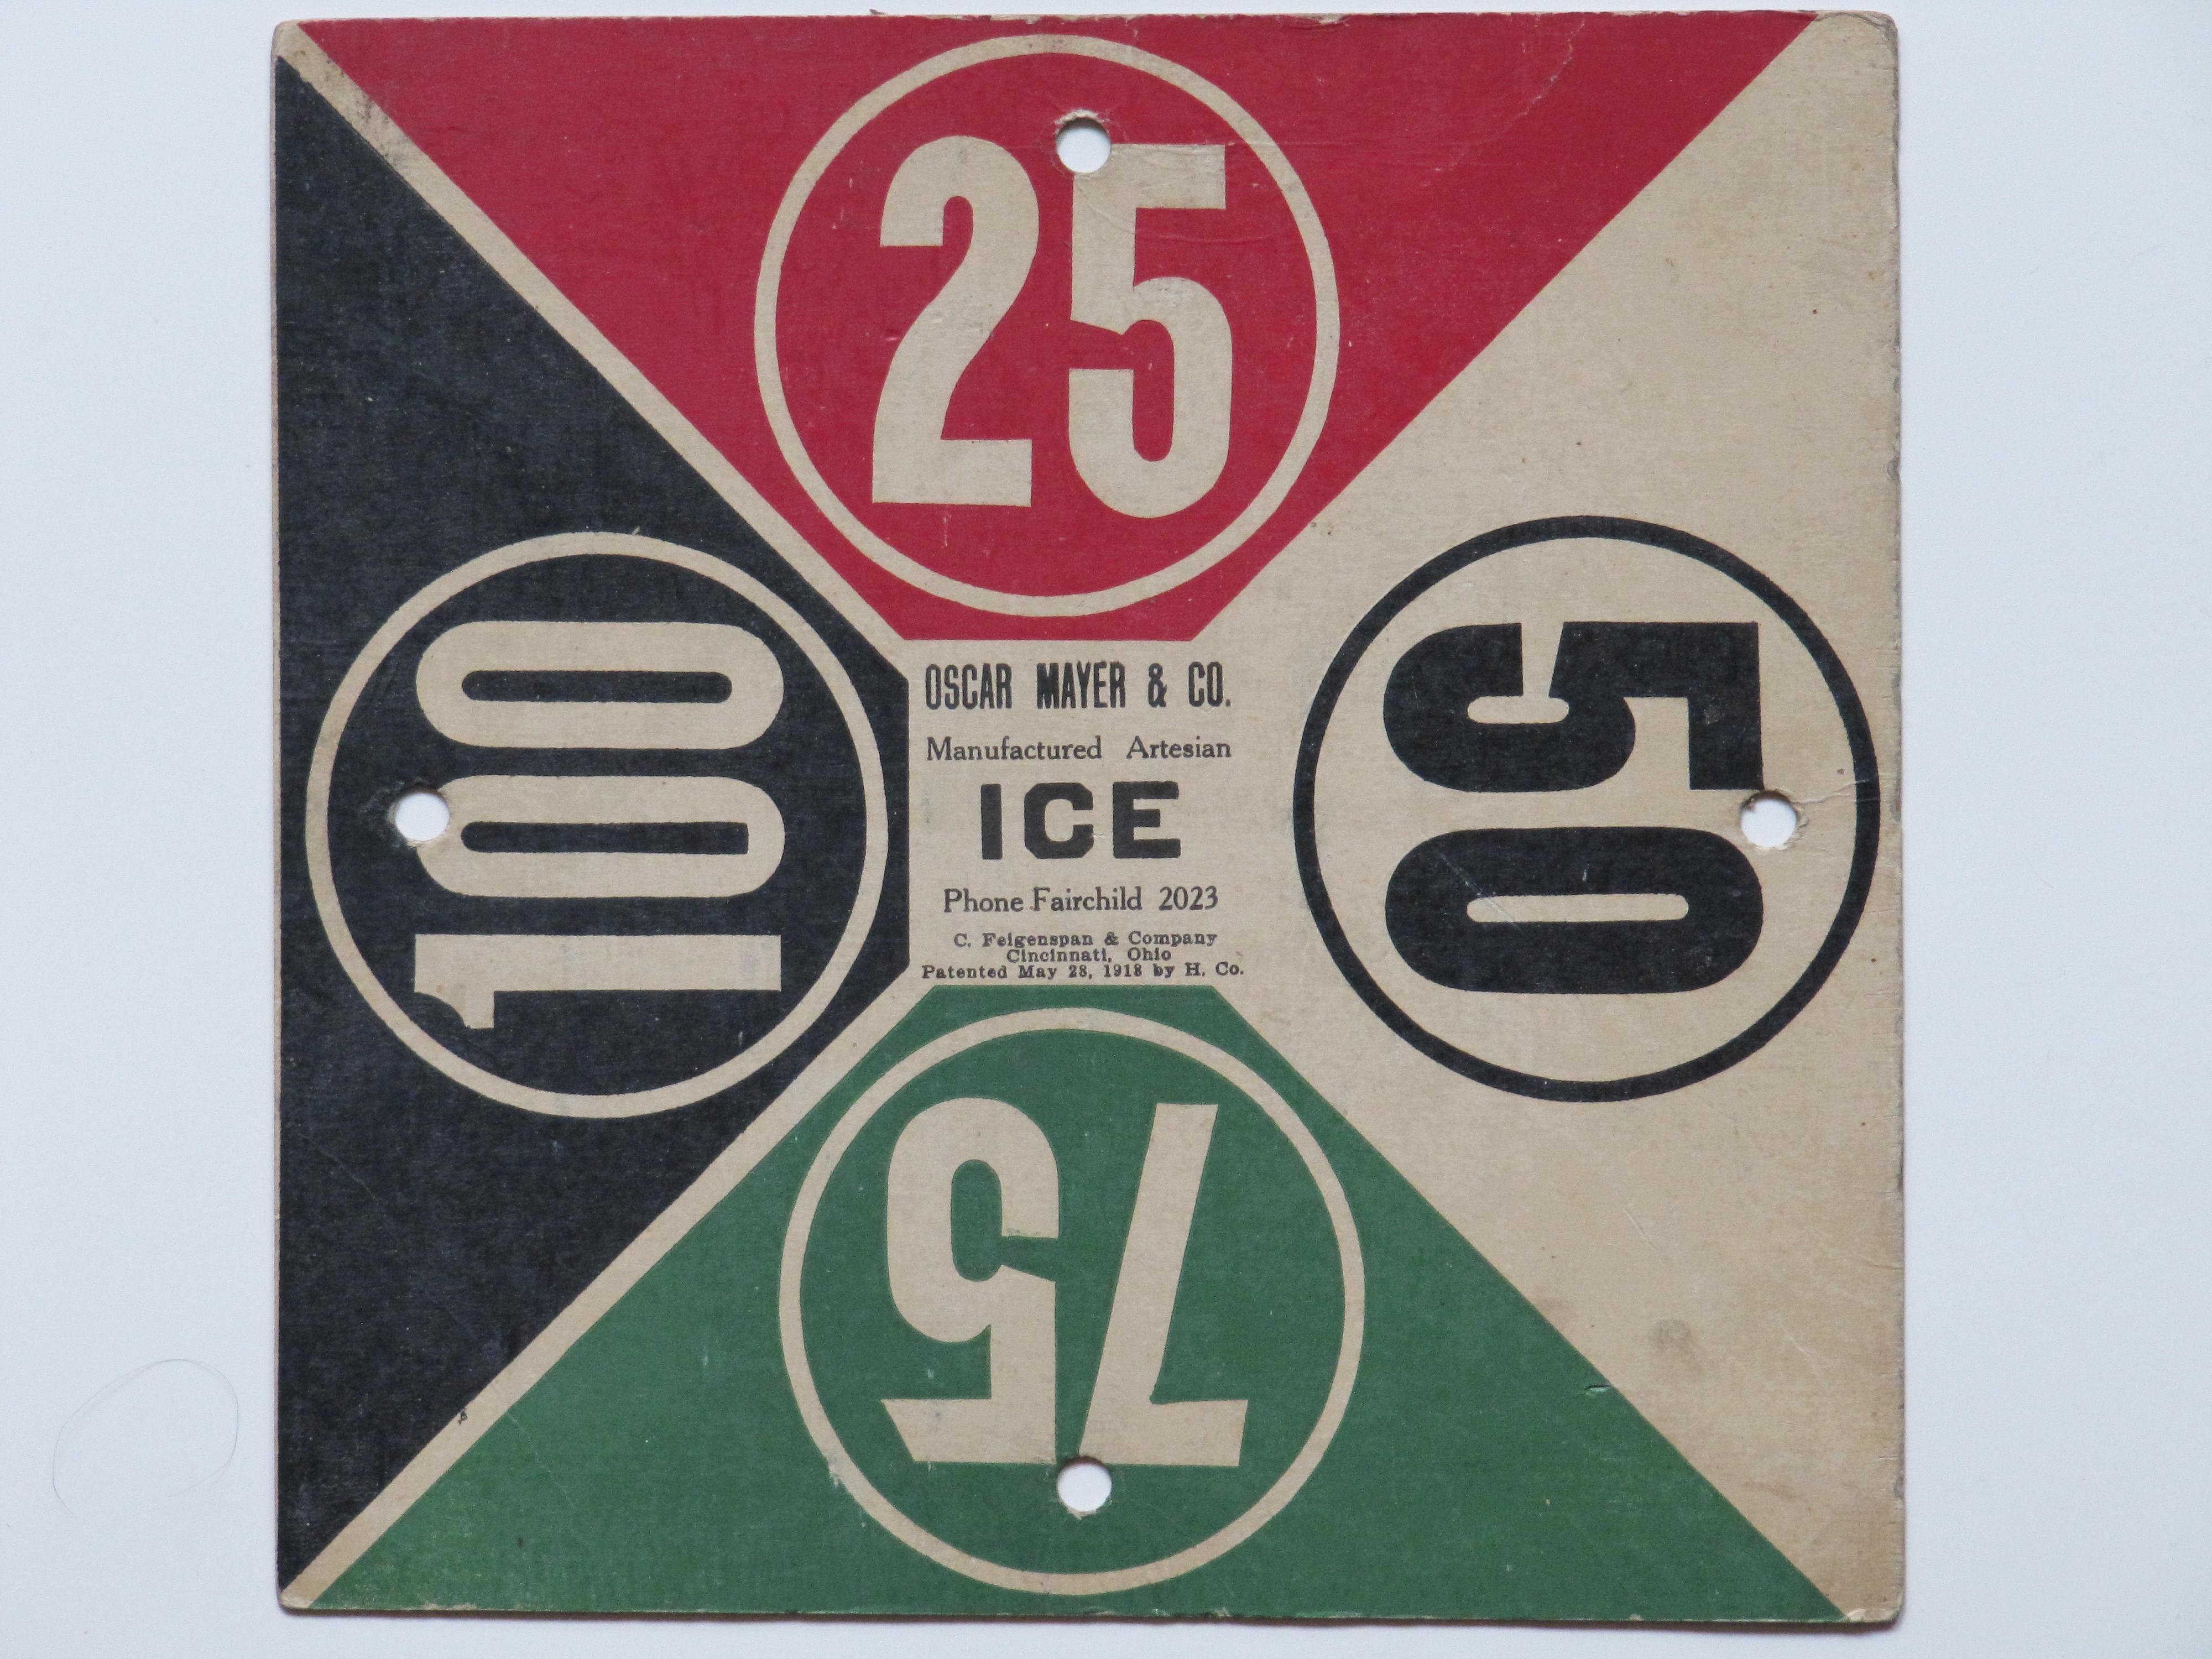 Oscar Mayer & Co. Ice